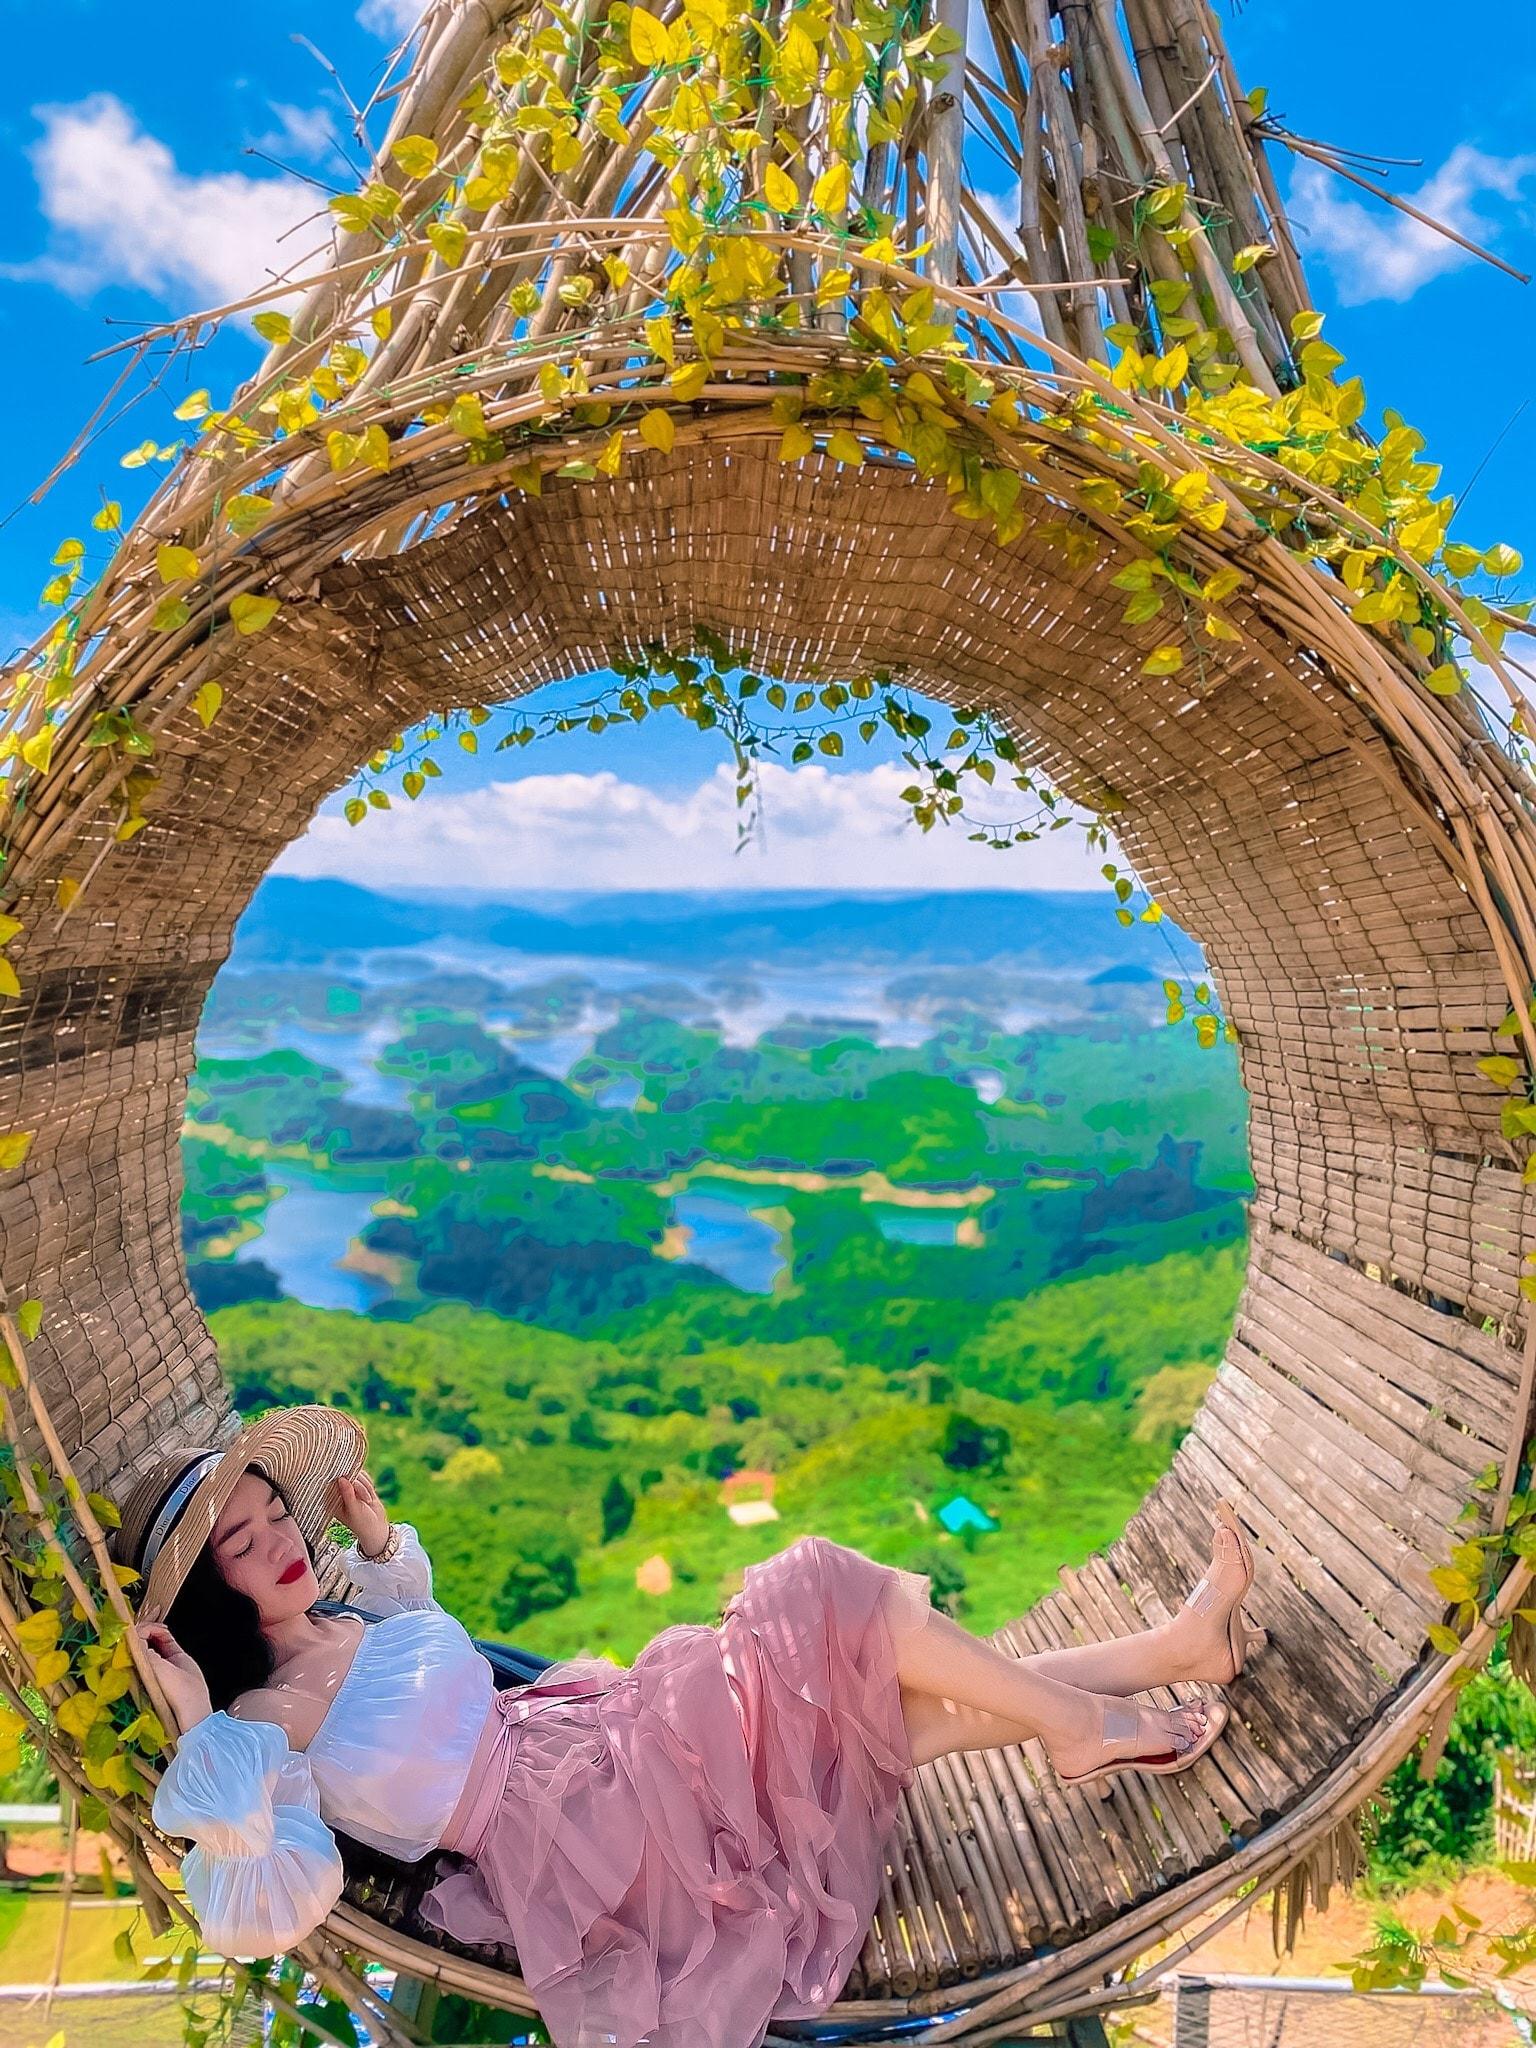 Điểm check-in được yêu thích tại khu du lịch Tà Đùng - Nguồn ảnh: Khu du lịch Tà Đùng